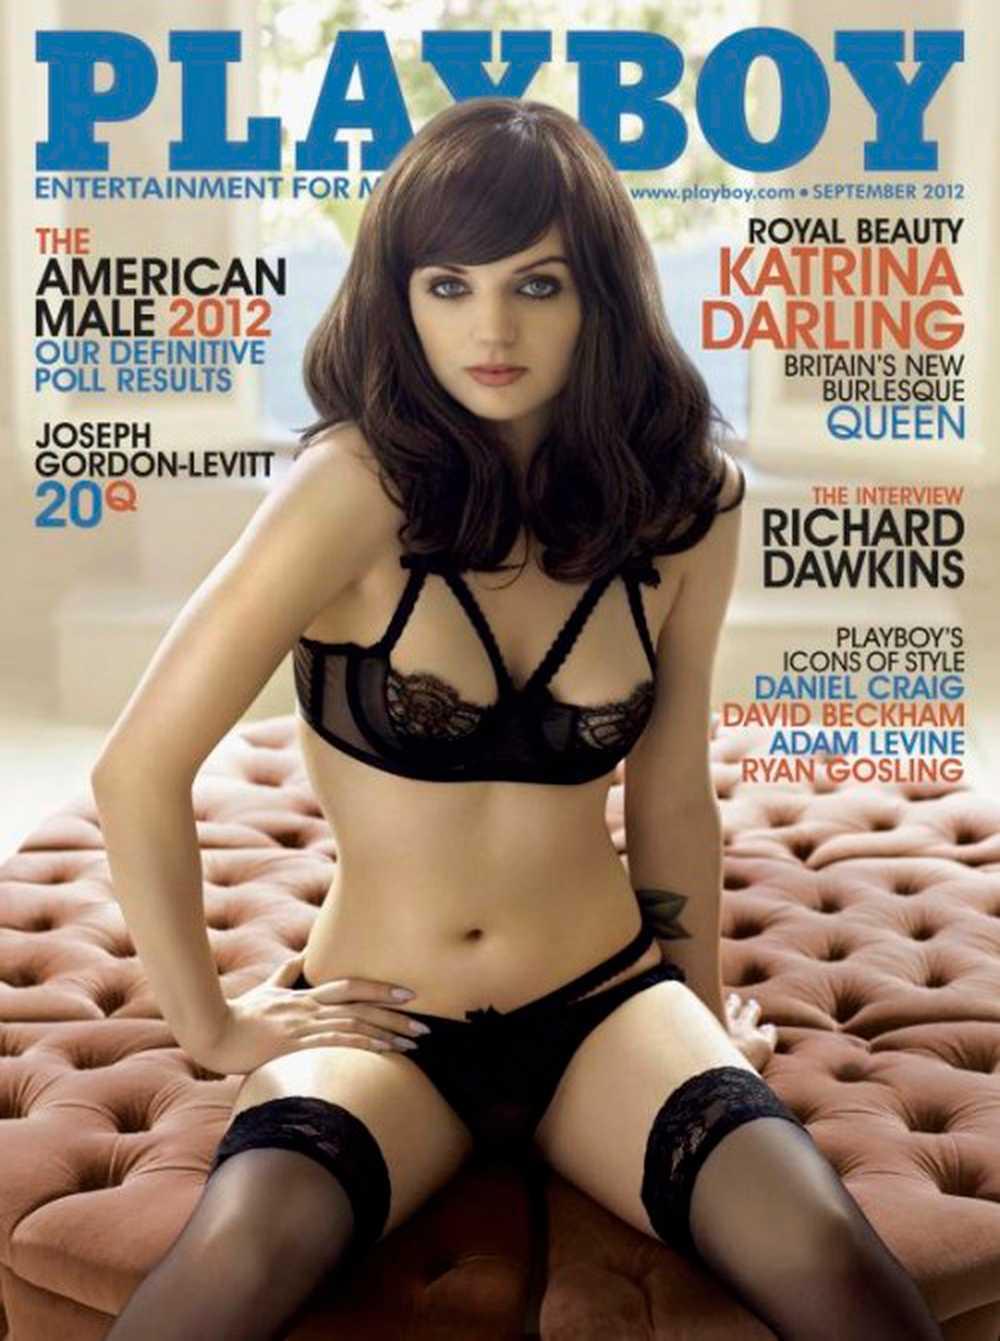 Hon har tidigare frontat omslaget av Playboy.